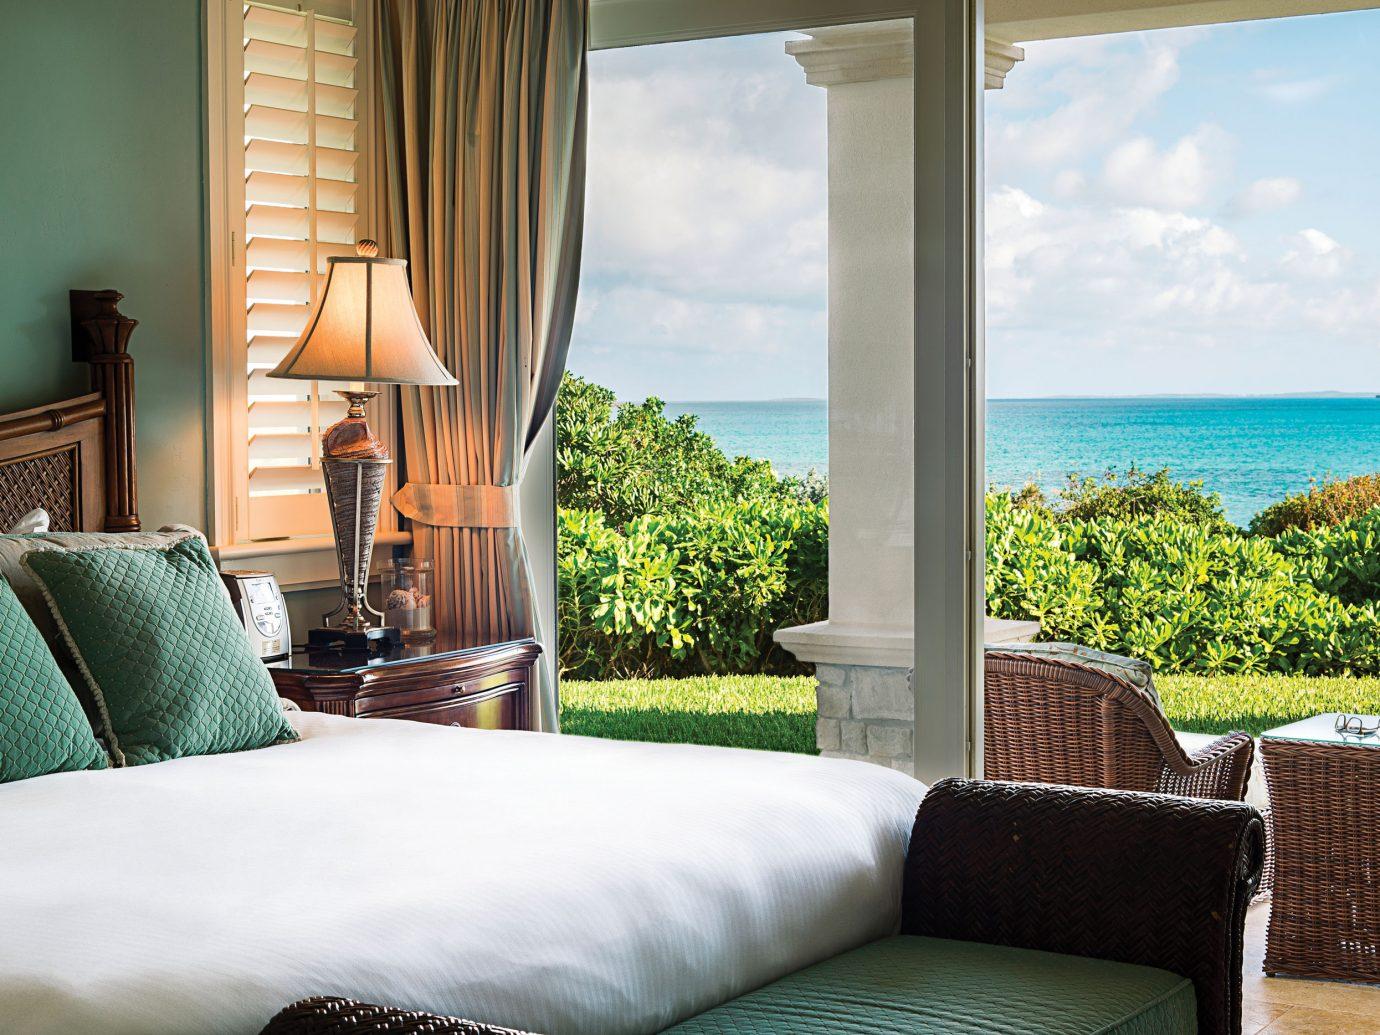 Guestroom at Great Exuma, Bahamas